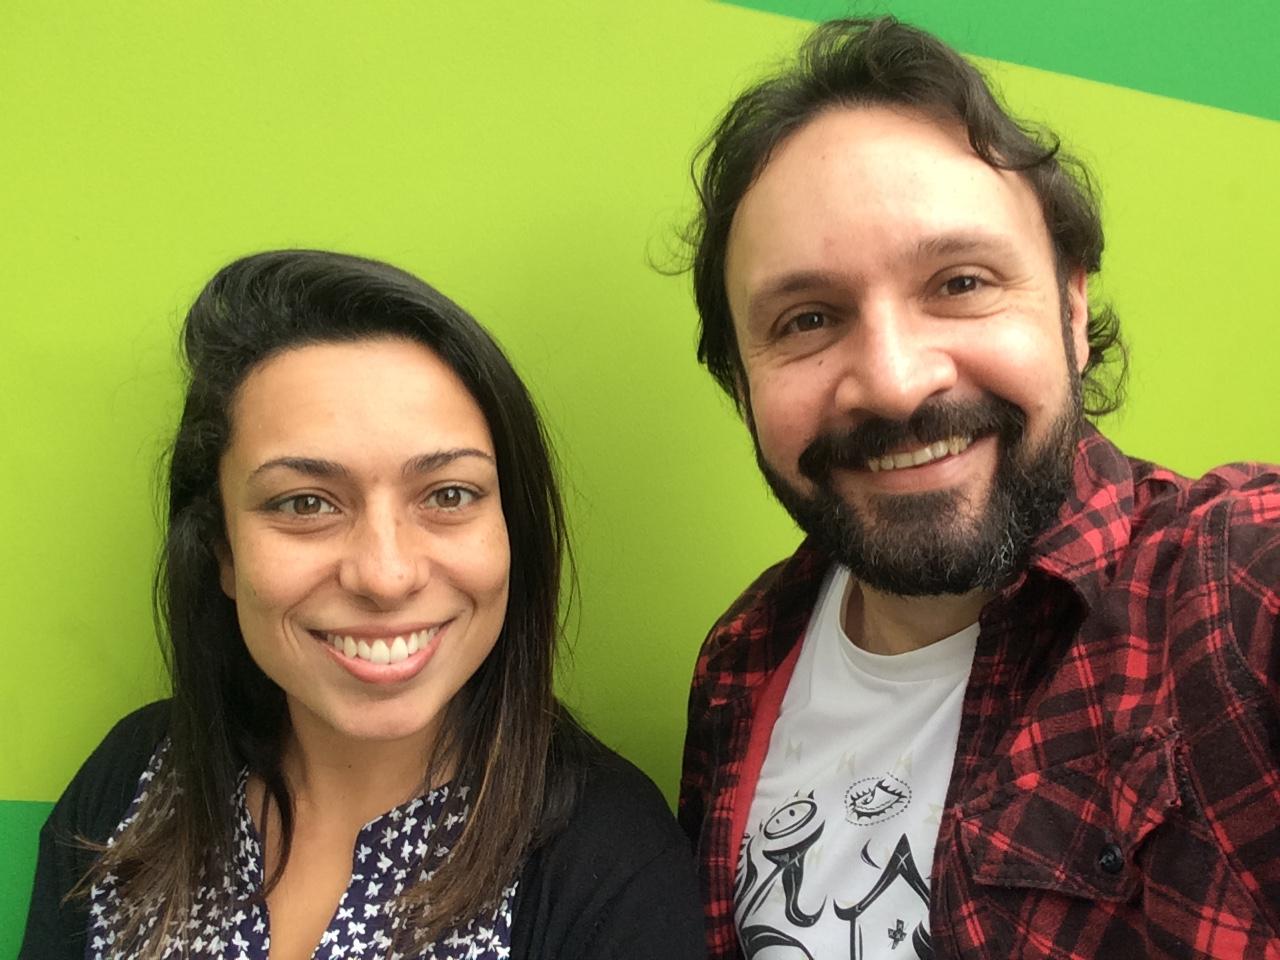 Resultado de imagem para Rafael Públio e Aline Morais da Santa Causa